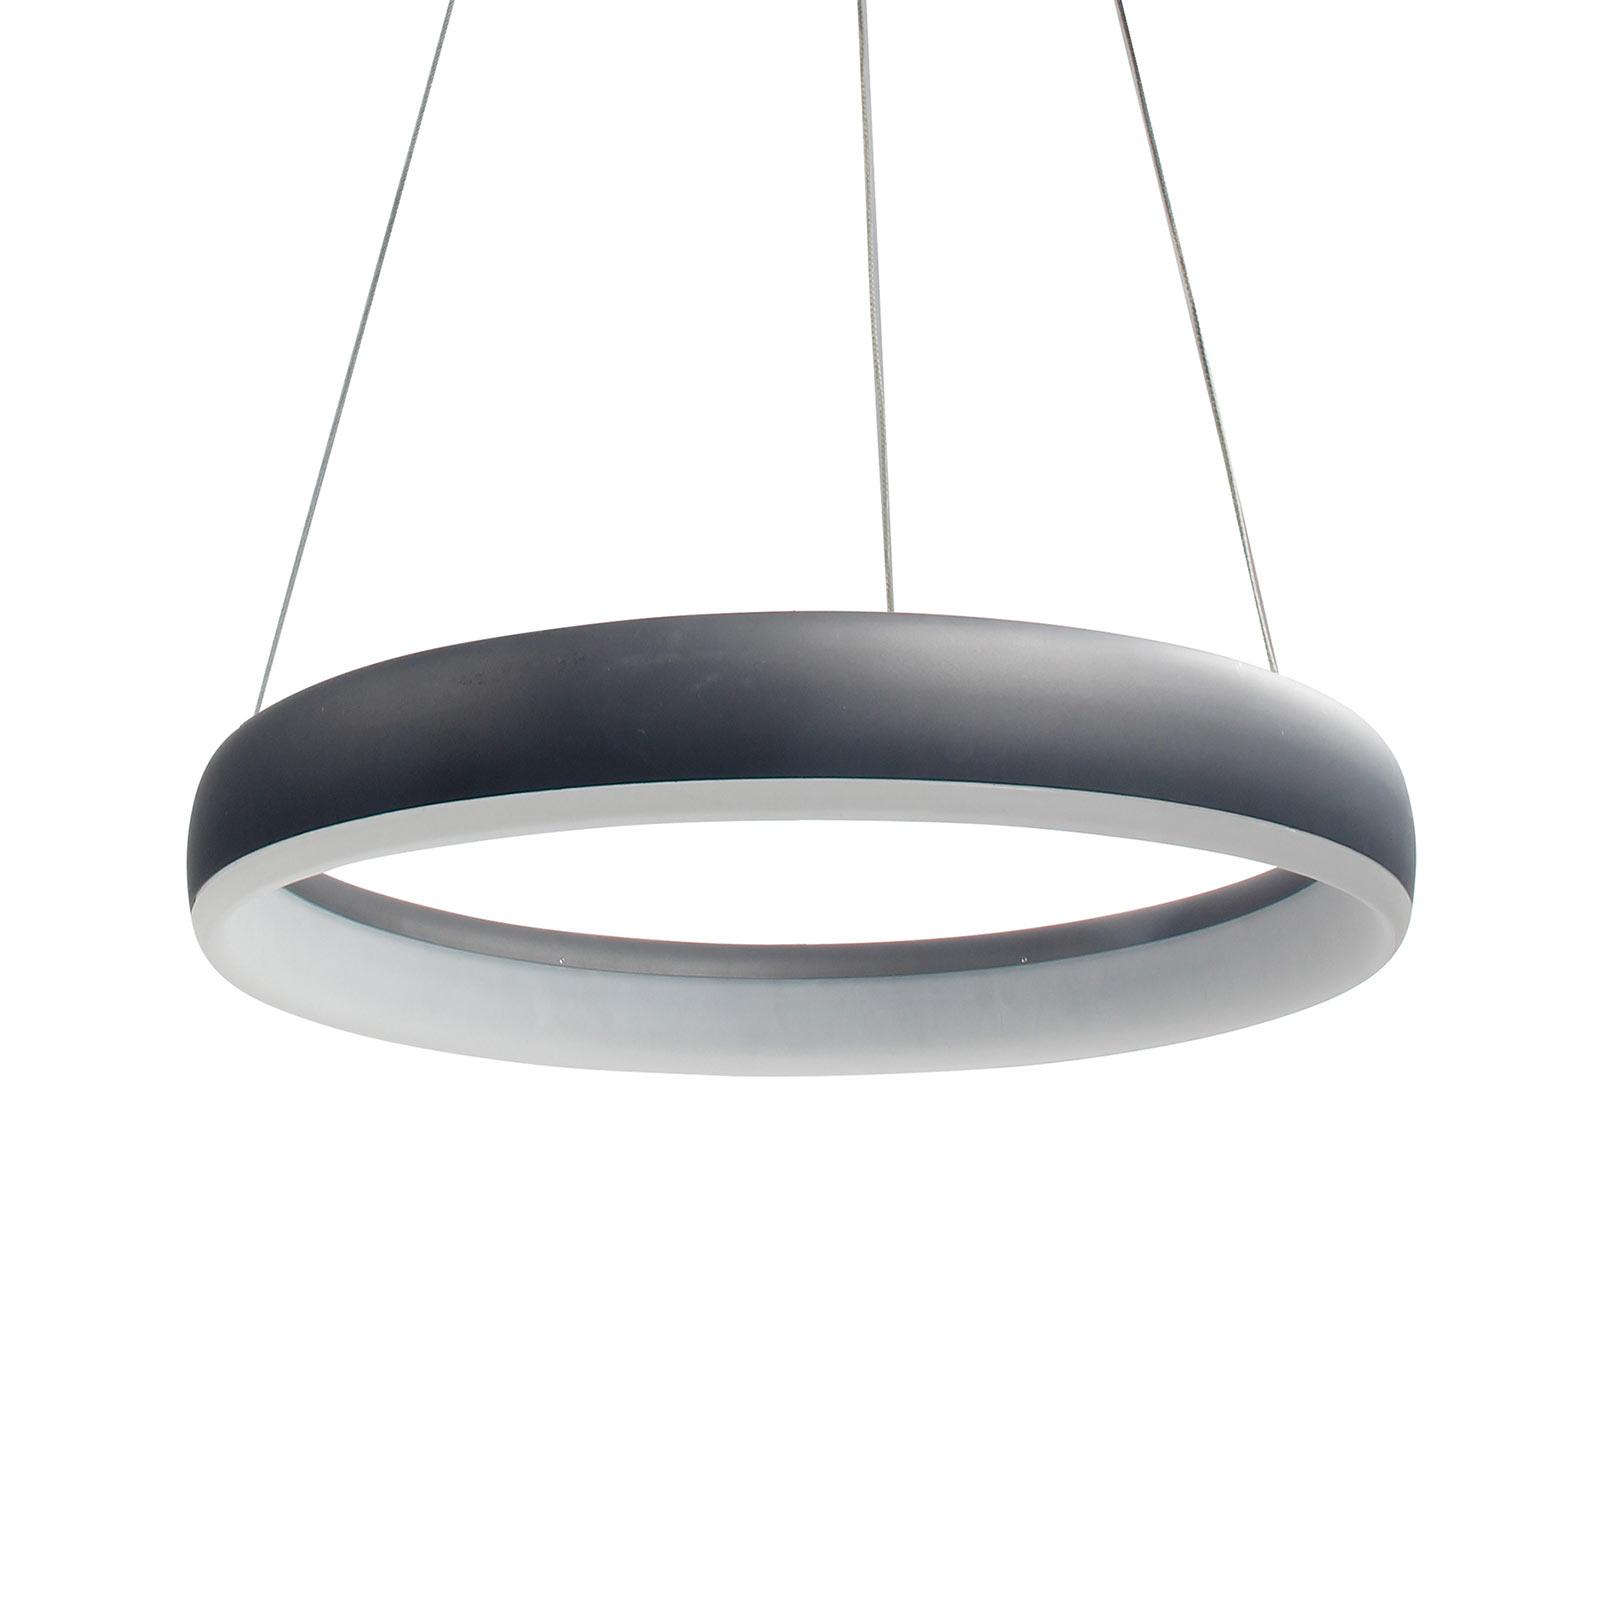 WiZ Clint LED-Hängeleuchte schwarz, Ø 40 cm